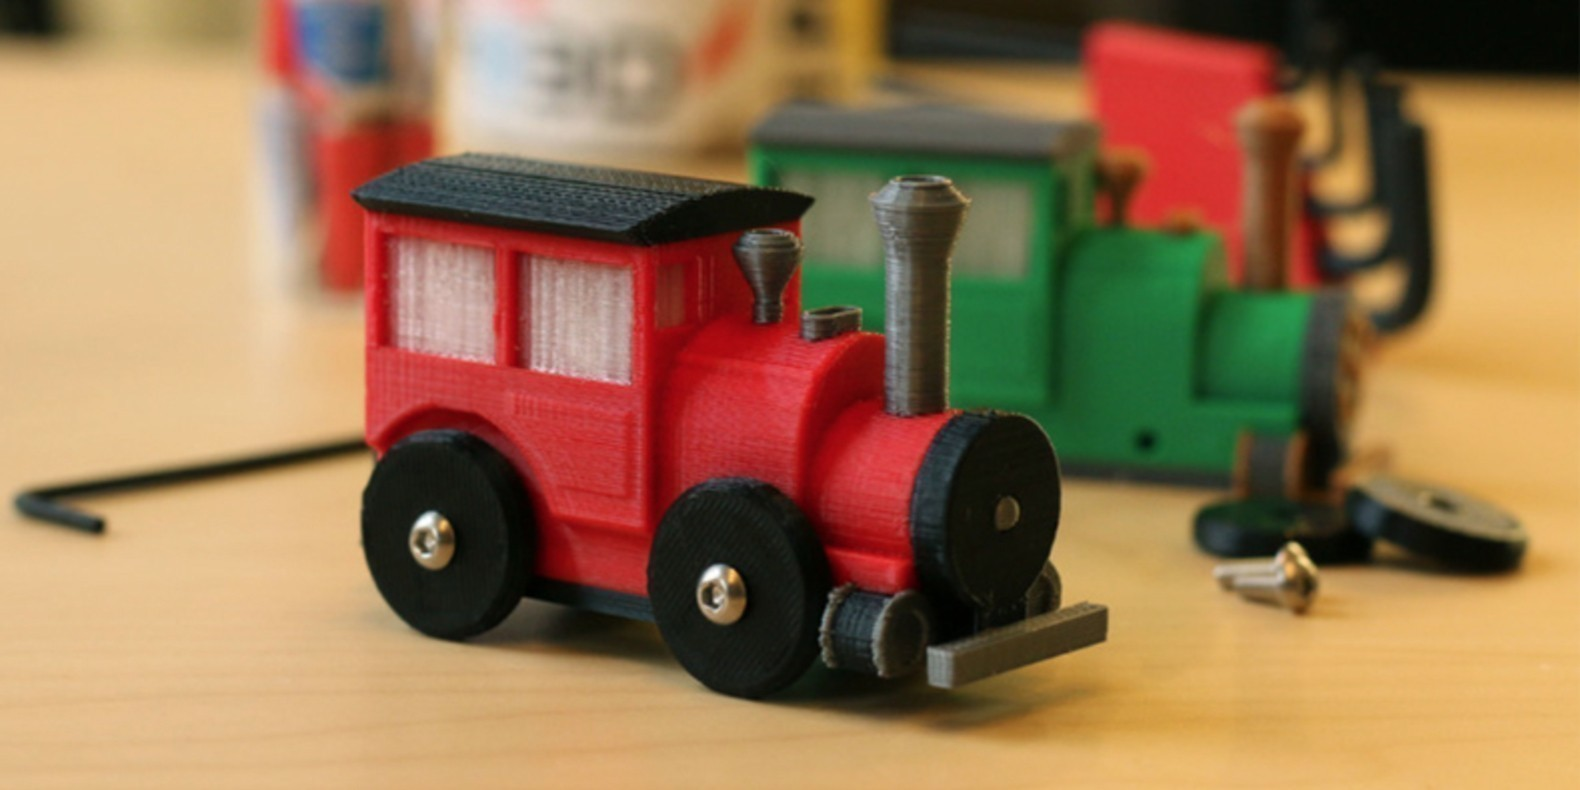 Découvrez dans cette nouvelle collection de modèles 3D tous les fichiers 3D pour imprimantes 3D liés au modélisme de train